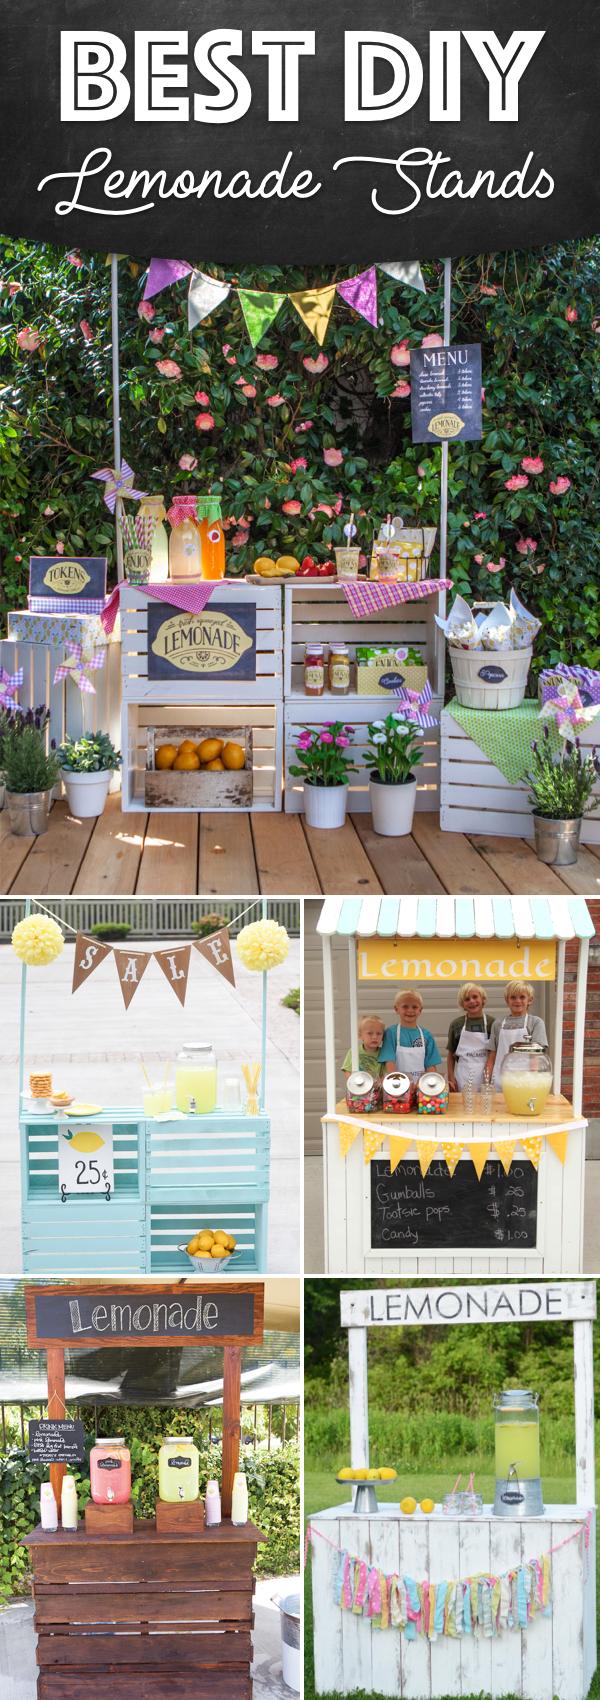 25 effortless diy lemonade stand ideas making your summer for Cool lemonade stand ideas